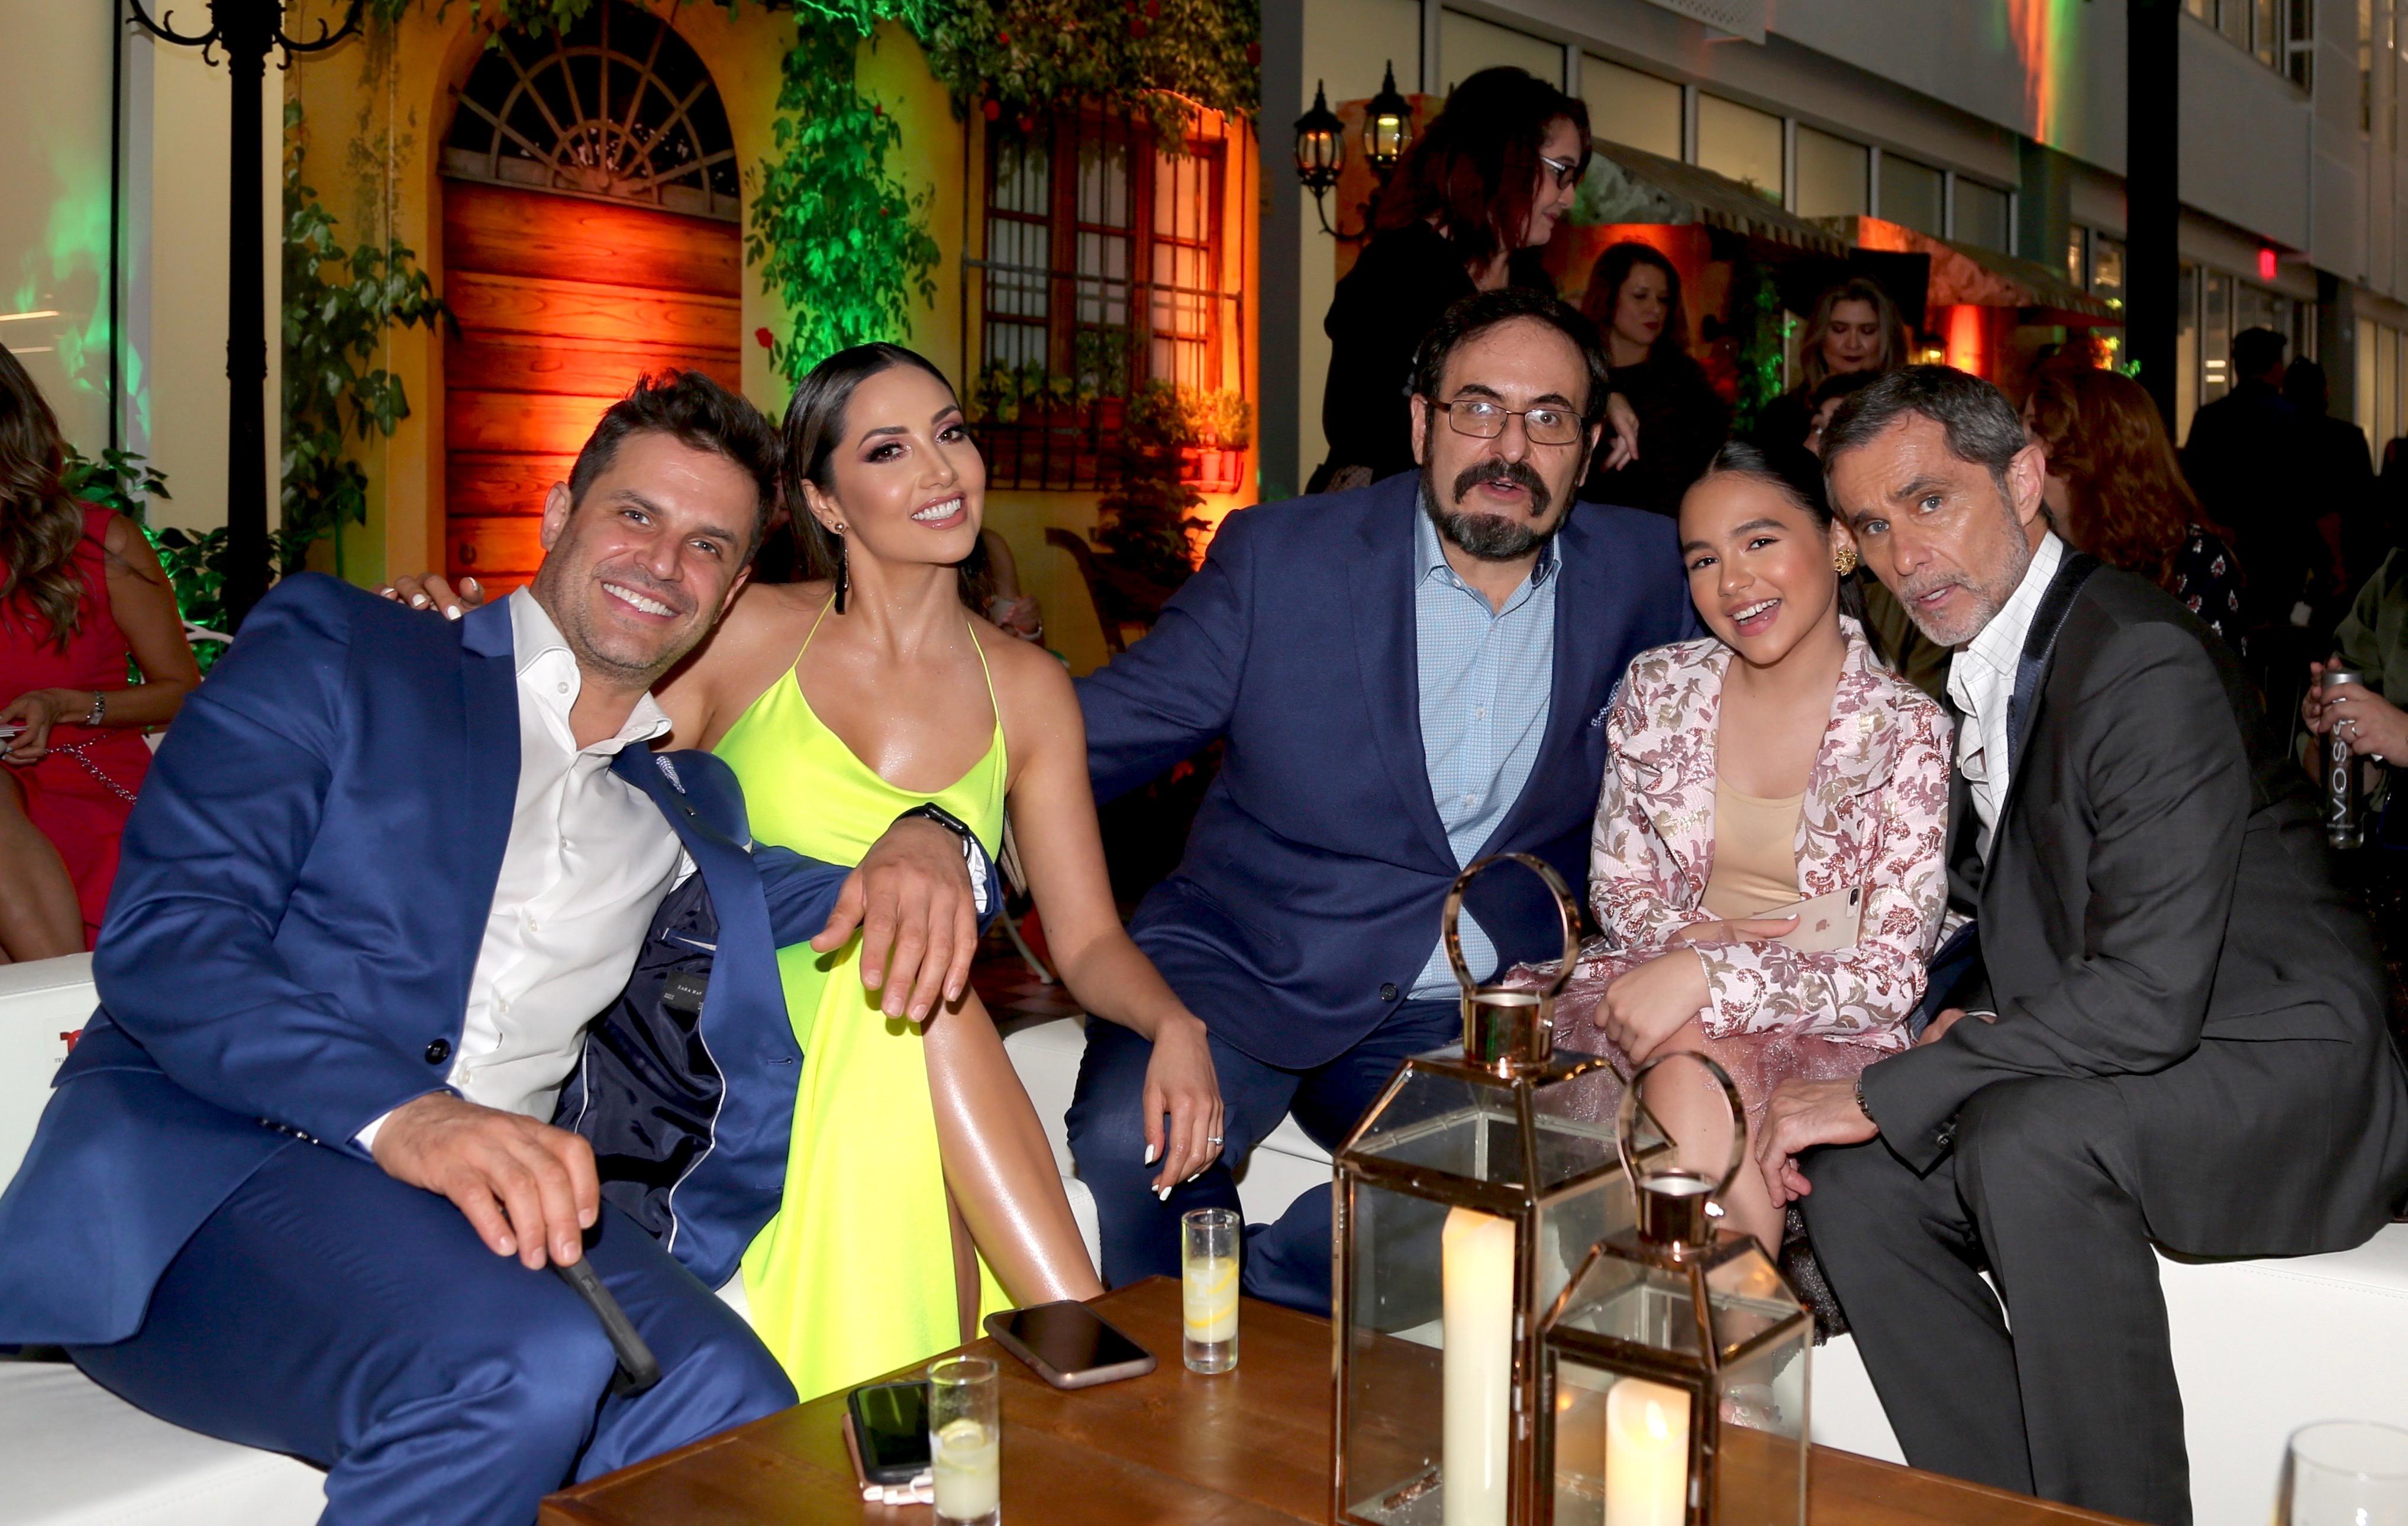 Mark Tacher, Cynthia Alesco, Alejandro Calva, Humberto Zurita